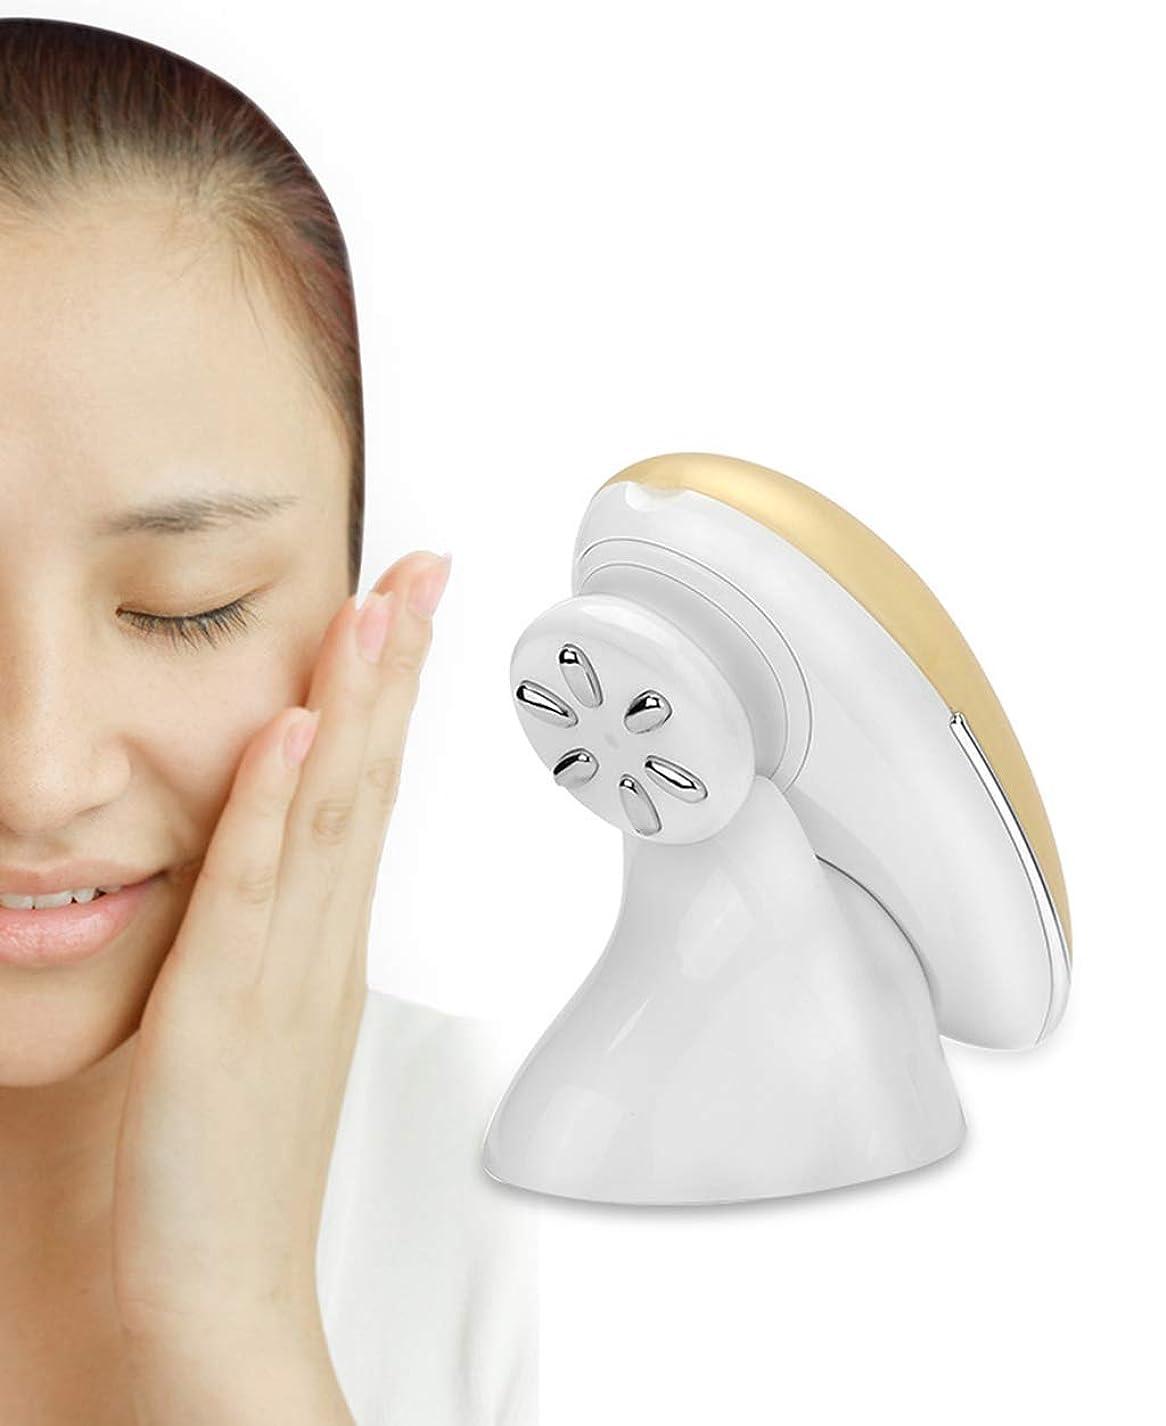 発動機落ち着いたマイクロEMSパルス美容機器、RFしわ肌の顔の肌を引き締め抗老化美容機器